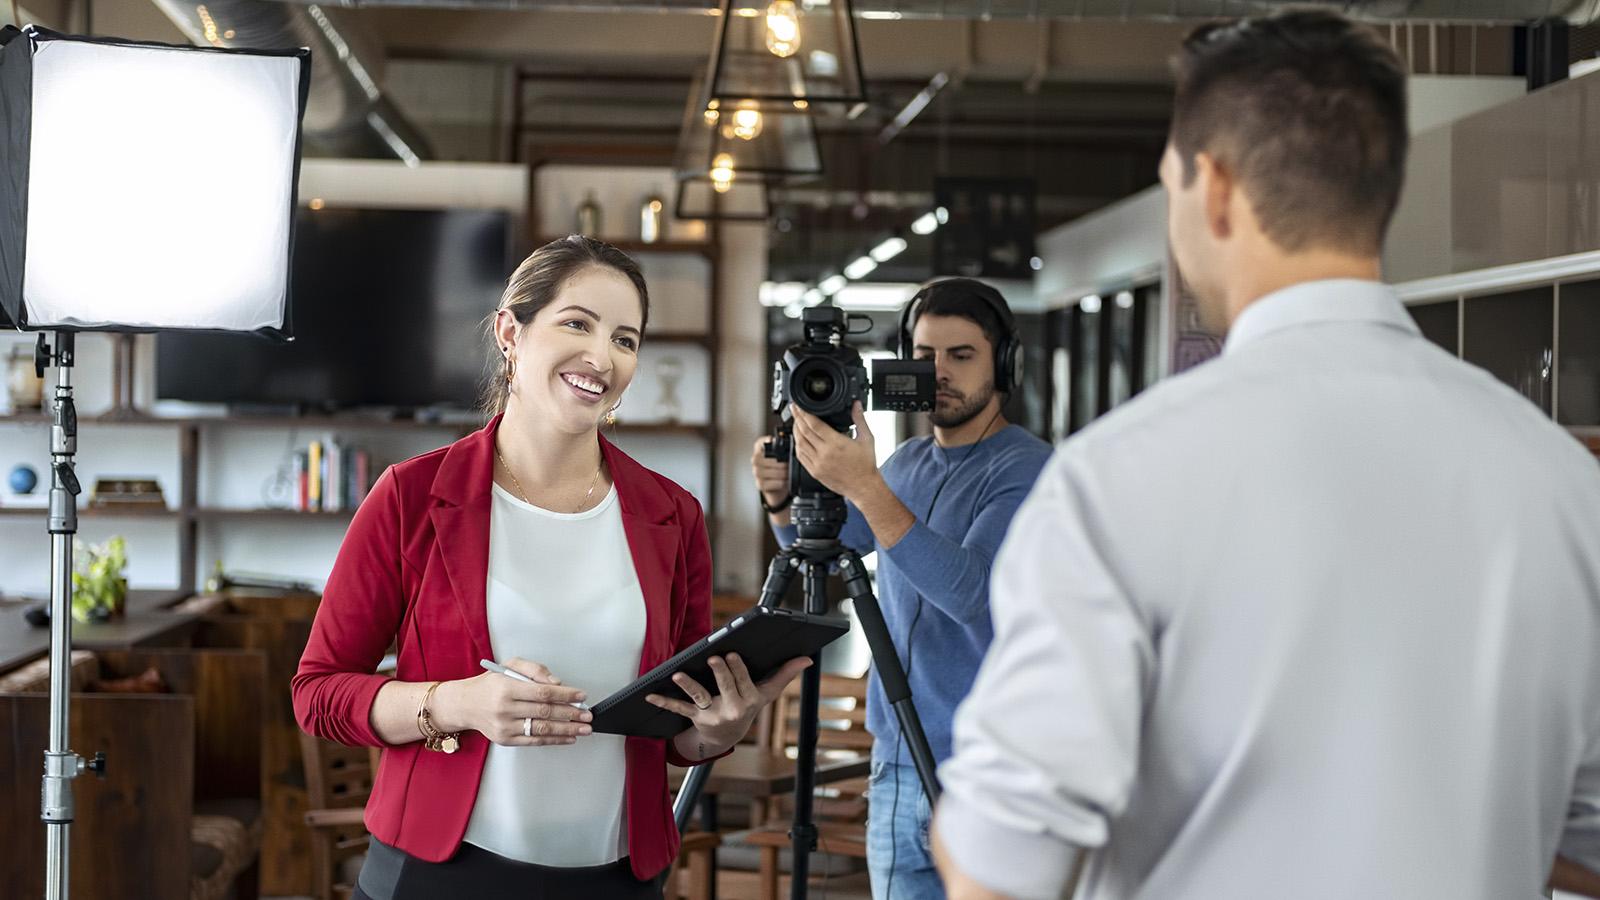 video01 - Saiba como otimizar a presença digital da empresa utilizando vídeos